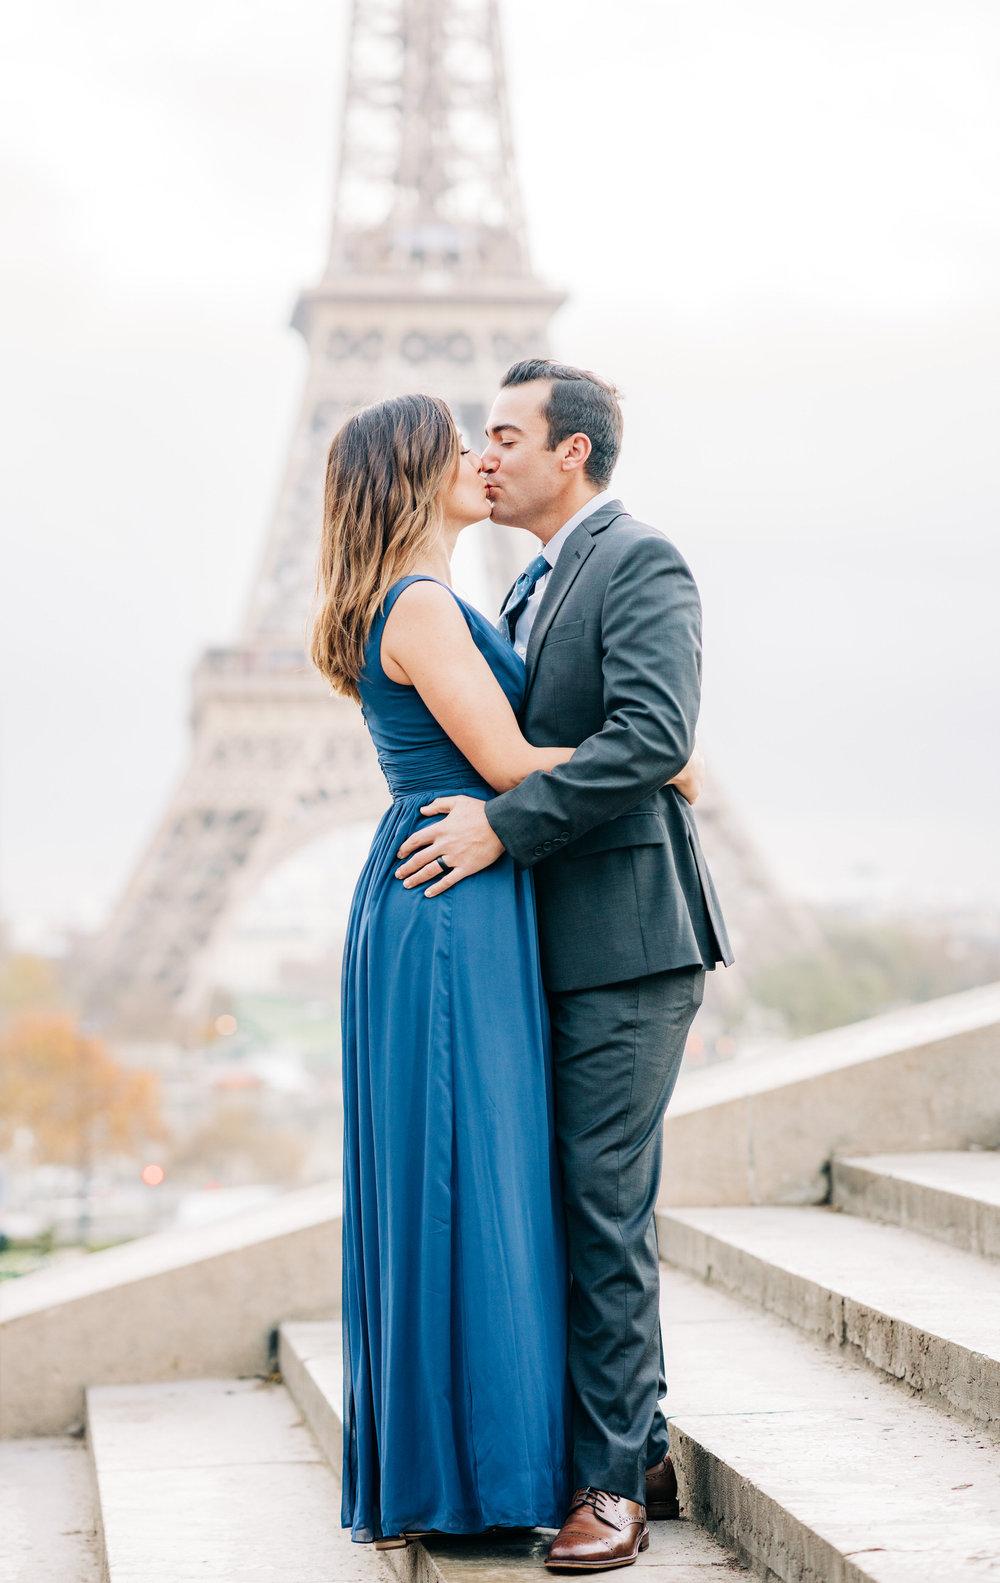 elegant picture me paris couples photo shoot at the eiffel tower